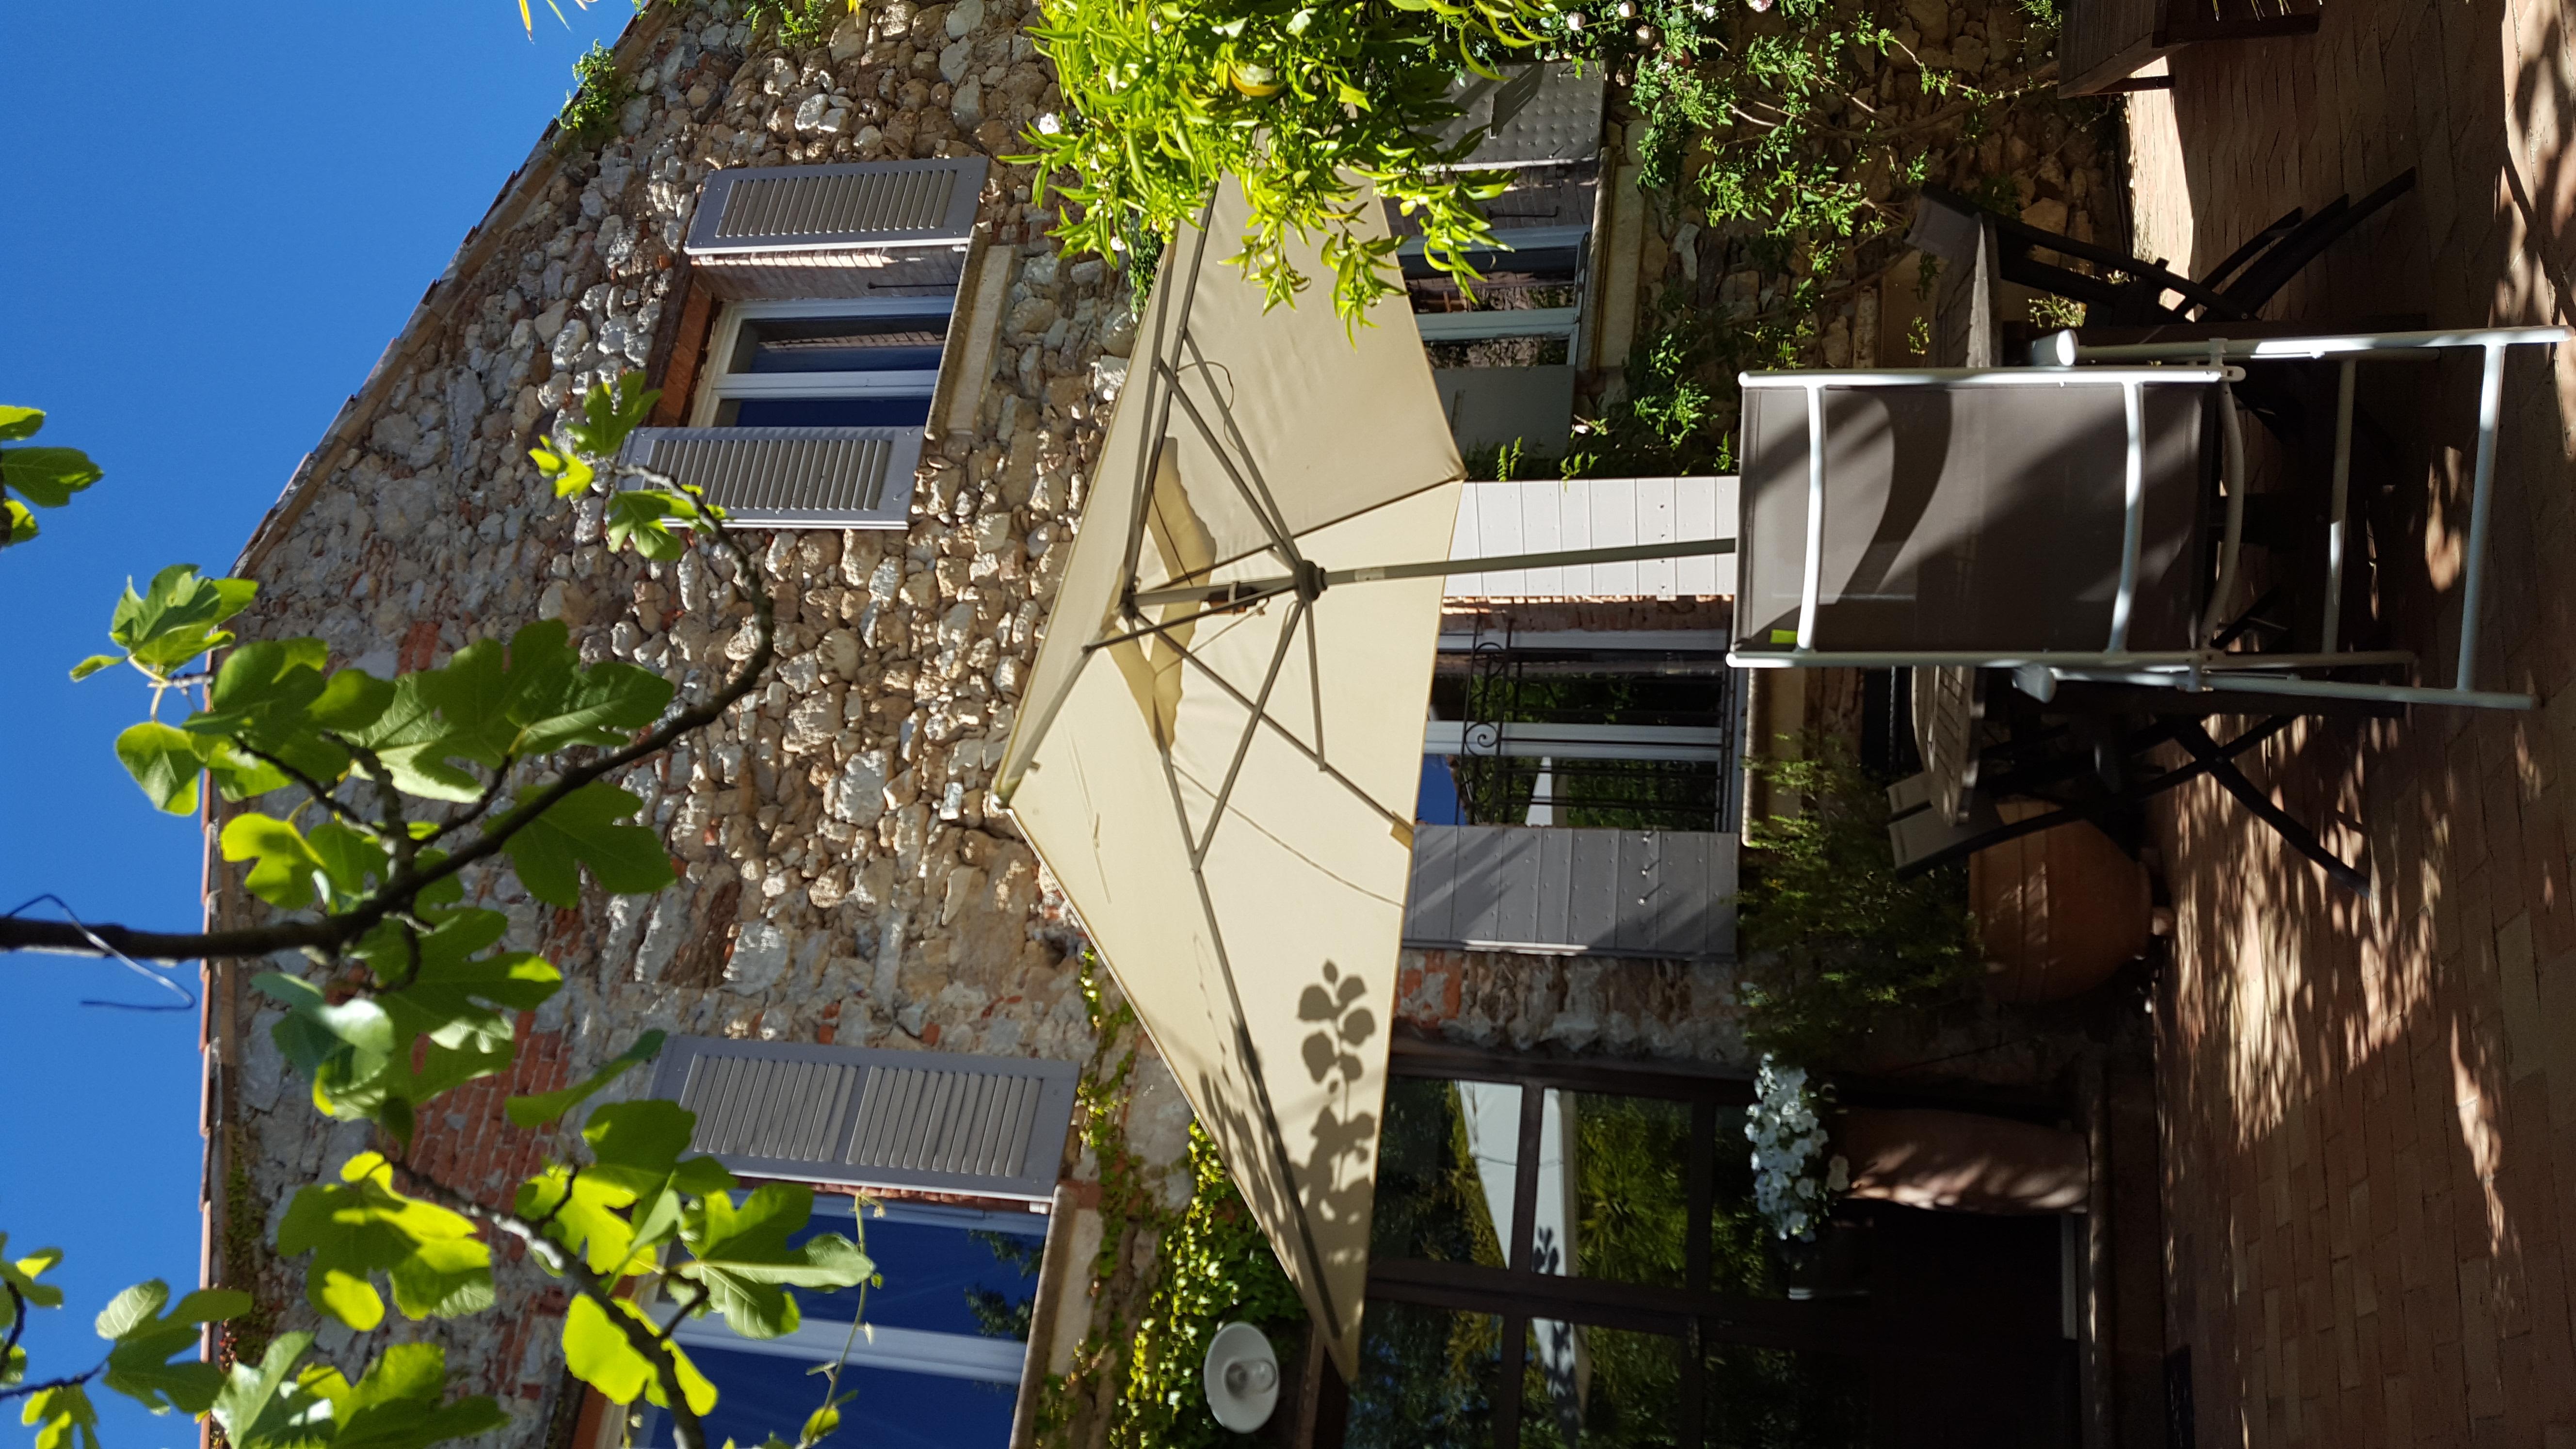 La terrasse des bambous